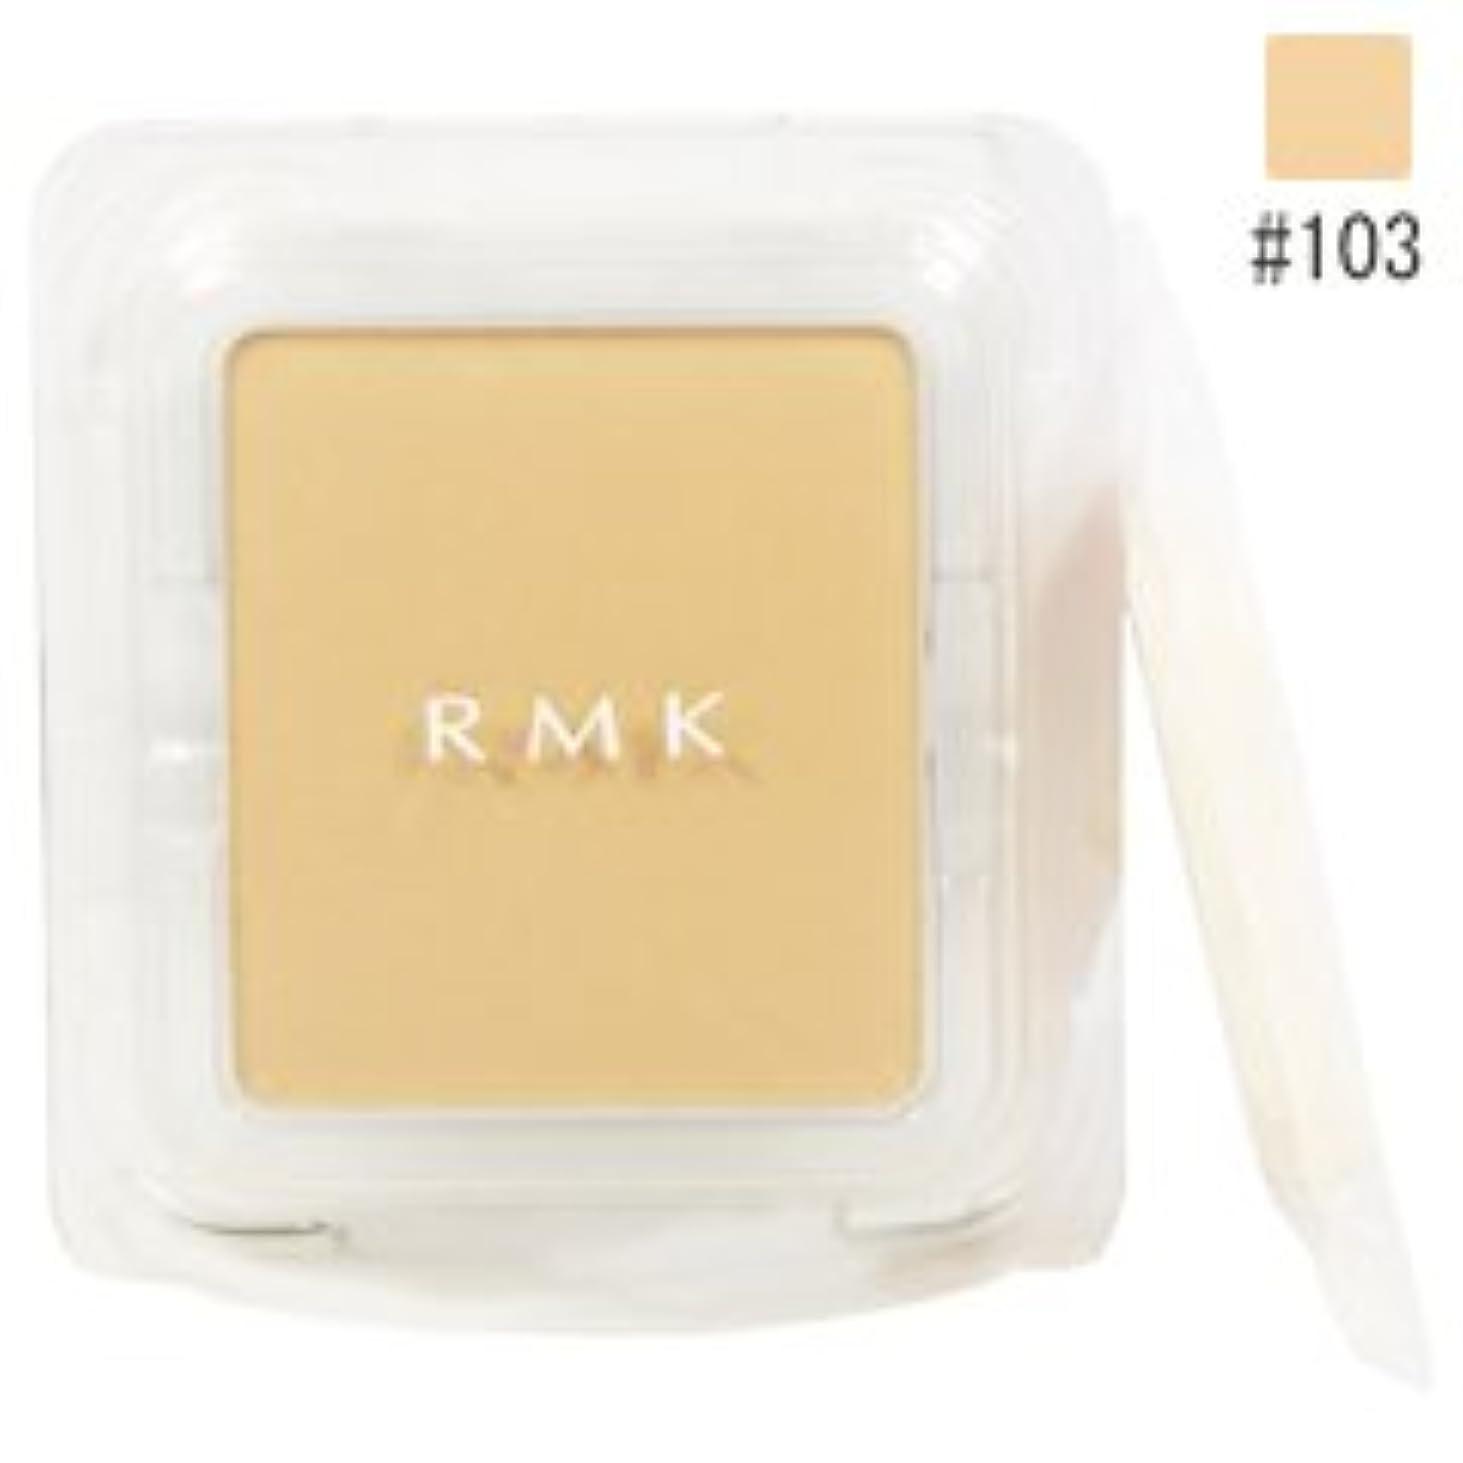 刃散髪アーク【RMK (ルミコ)】UVパウダーファンデーション (レフィル) #103 11g